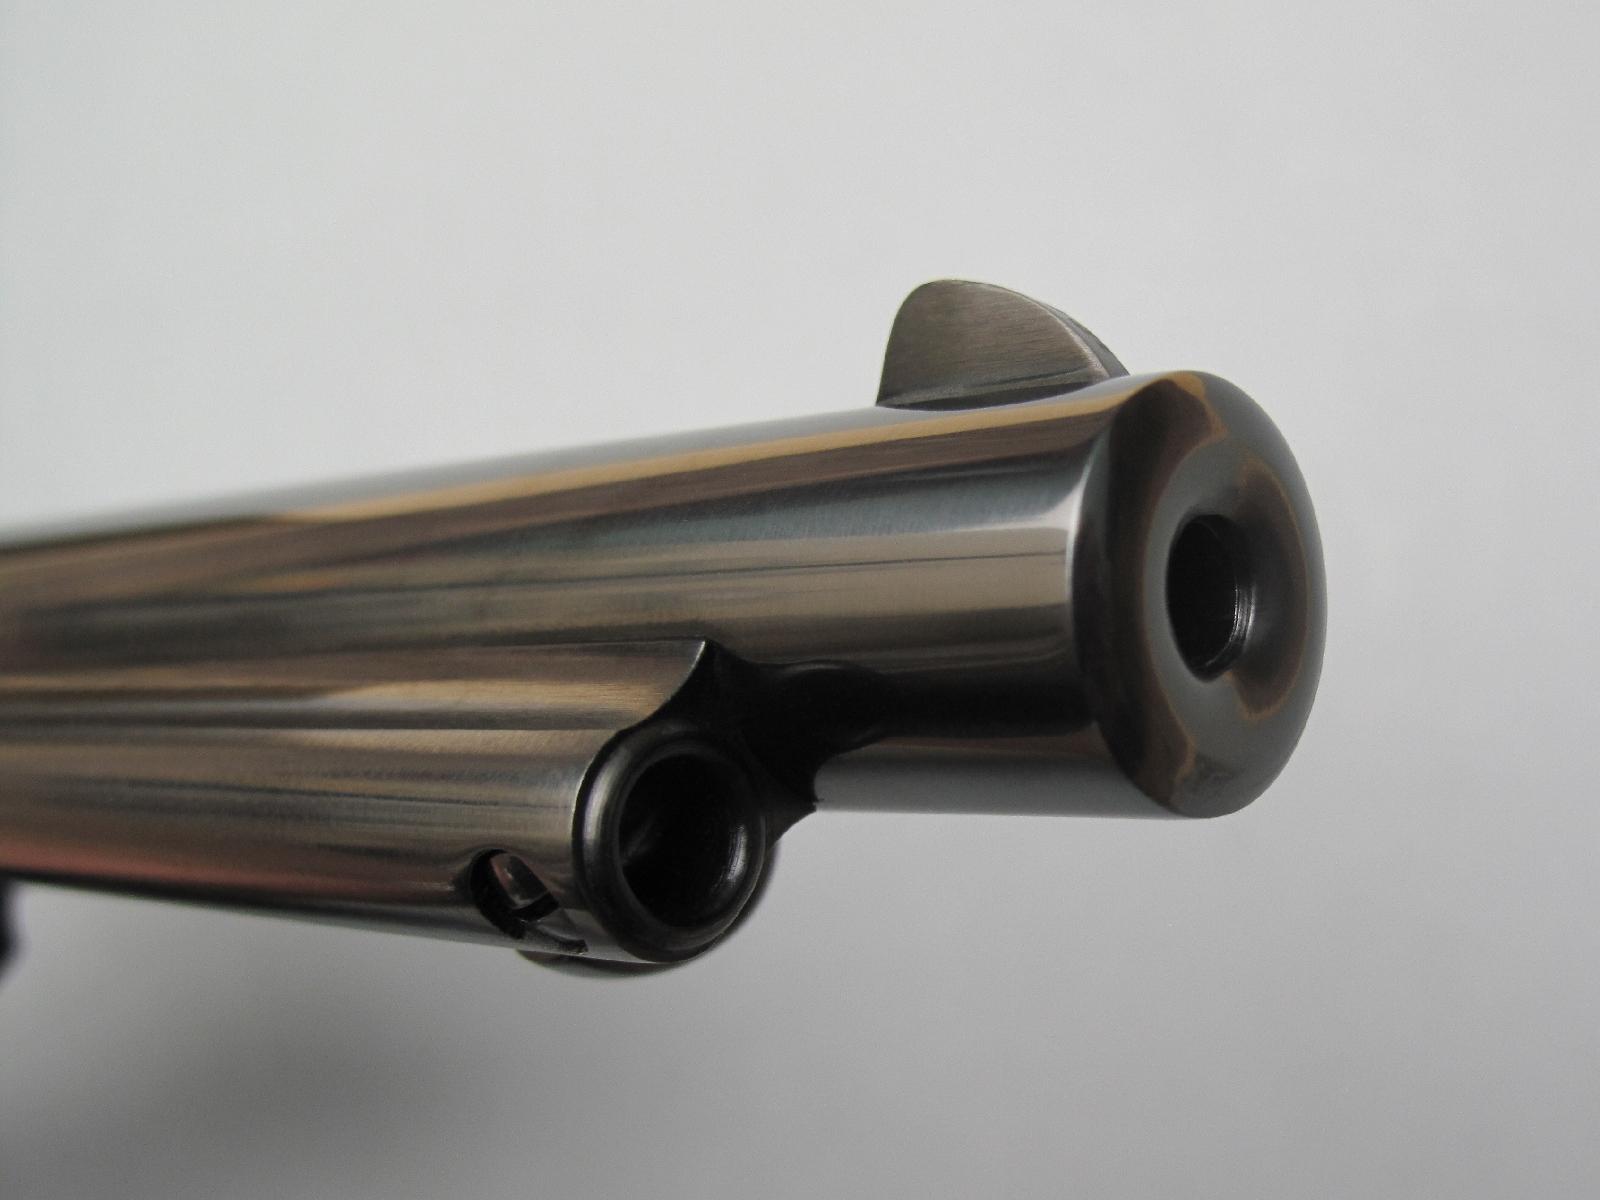 Cette vue de la bouche du canon permet de comprendre aisément pourquoi le forage en petit calibre, en l'occurrence du .22 dont le diamètre est de 5,56 mm, augmente nécessairement le poids de l'arme.